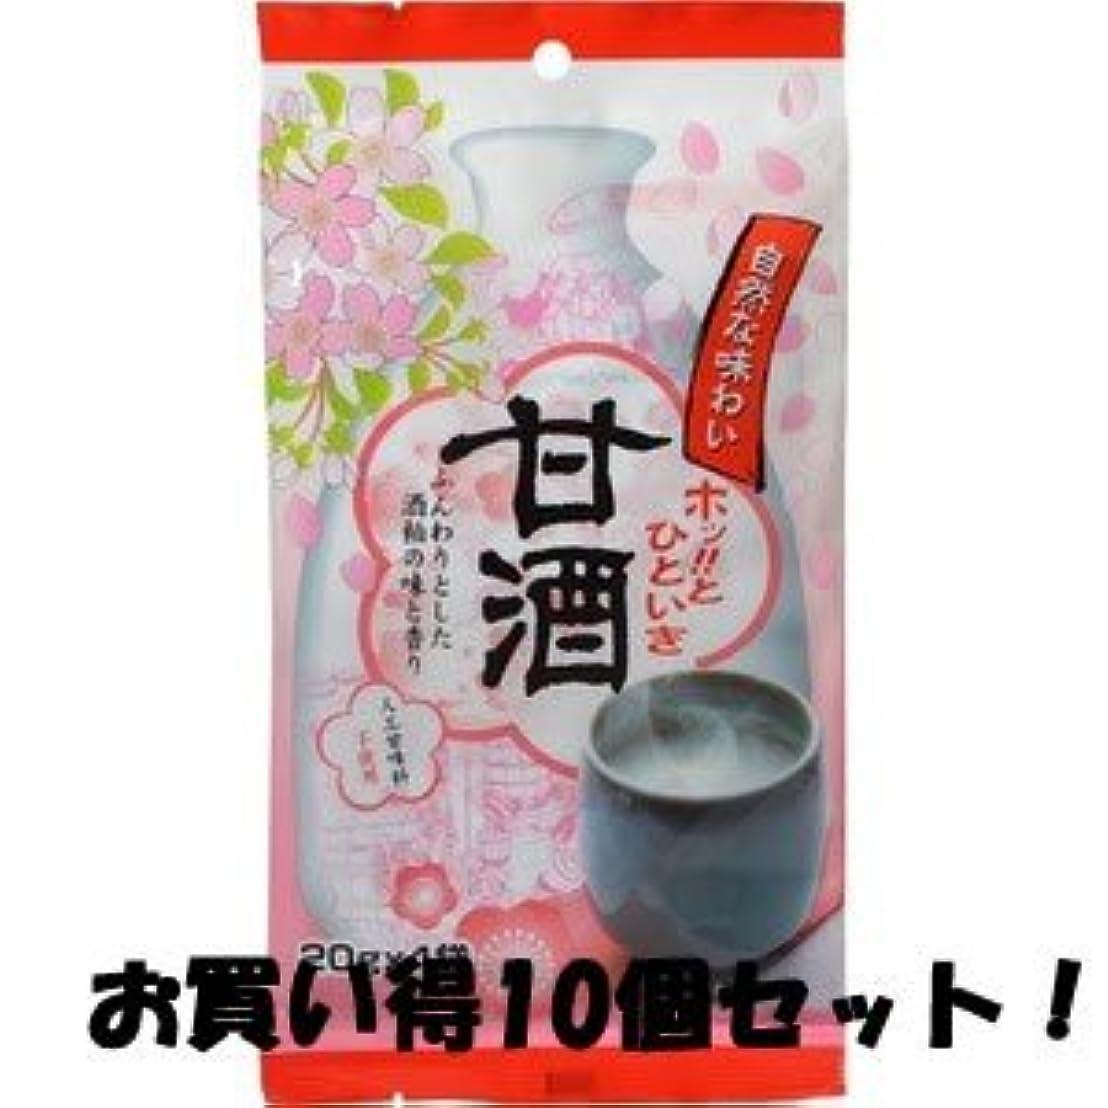 スーダン批評おばさん(今岡製菓)甘酒 20g×4袋(お買い得10個セット)